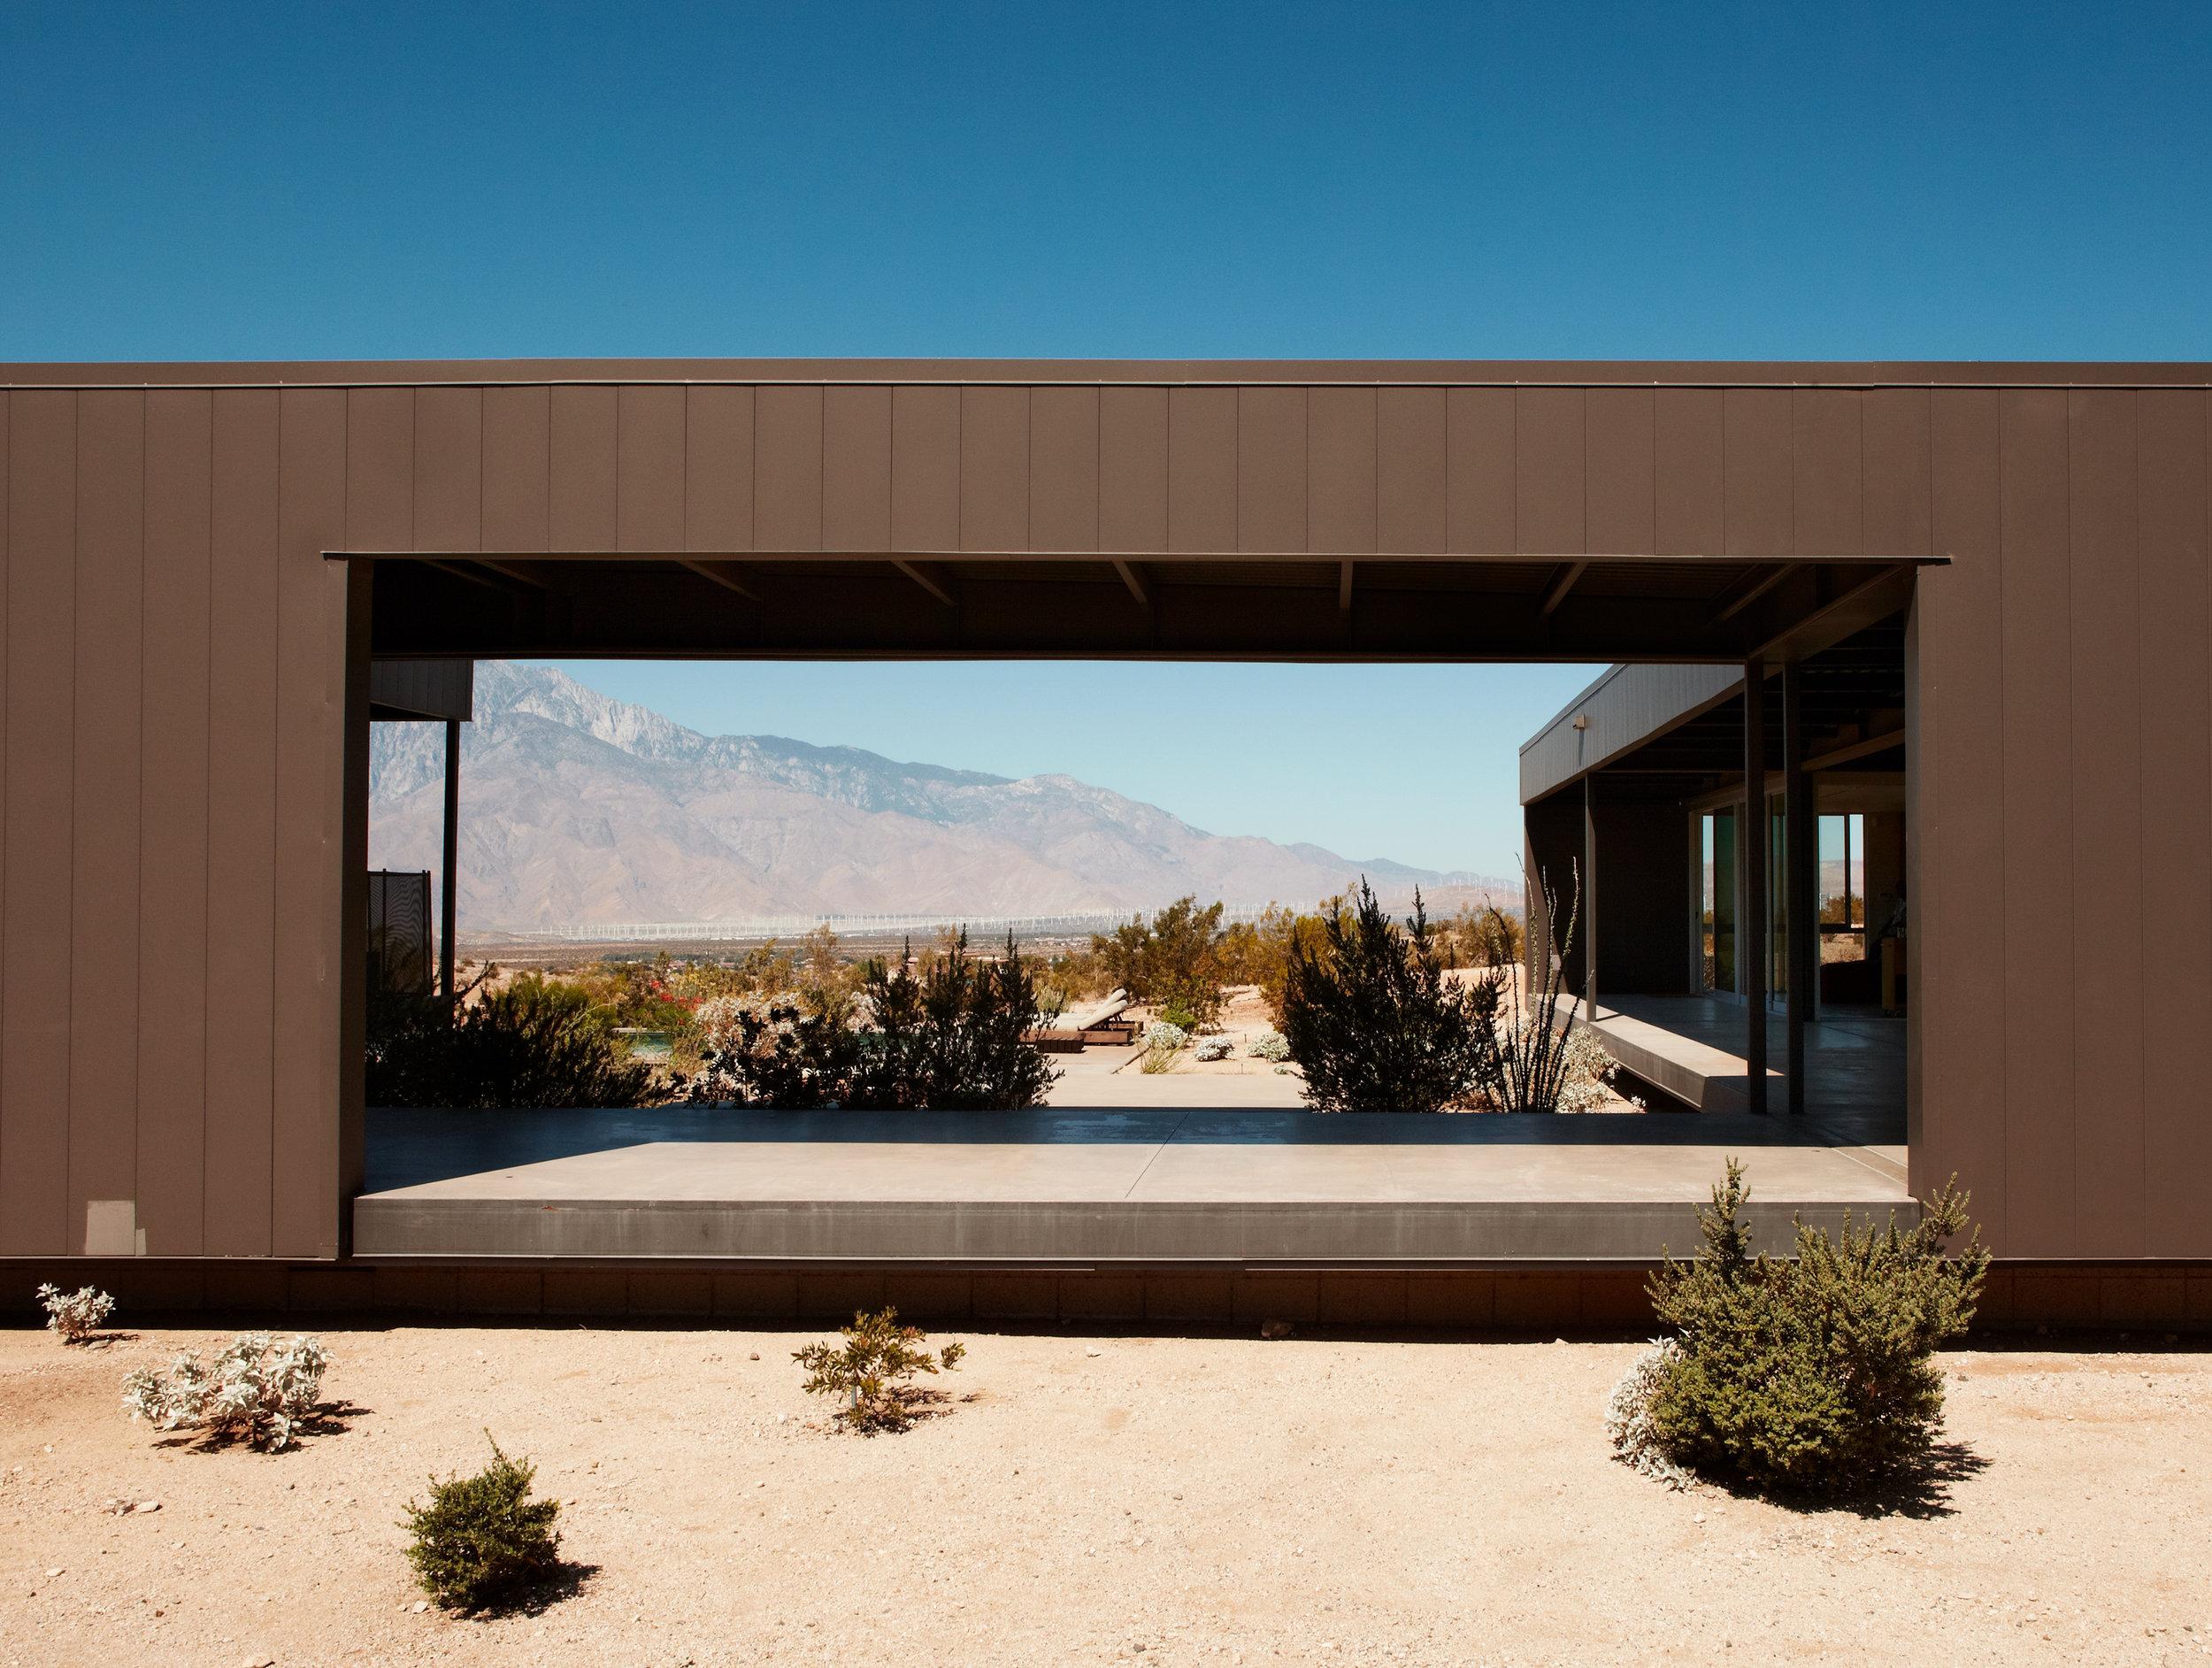 desert-house-032rt.jpg